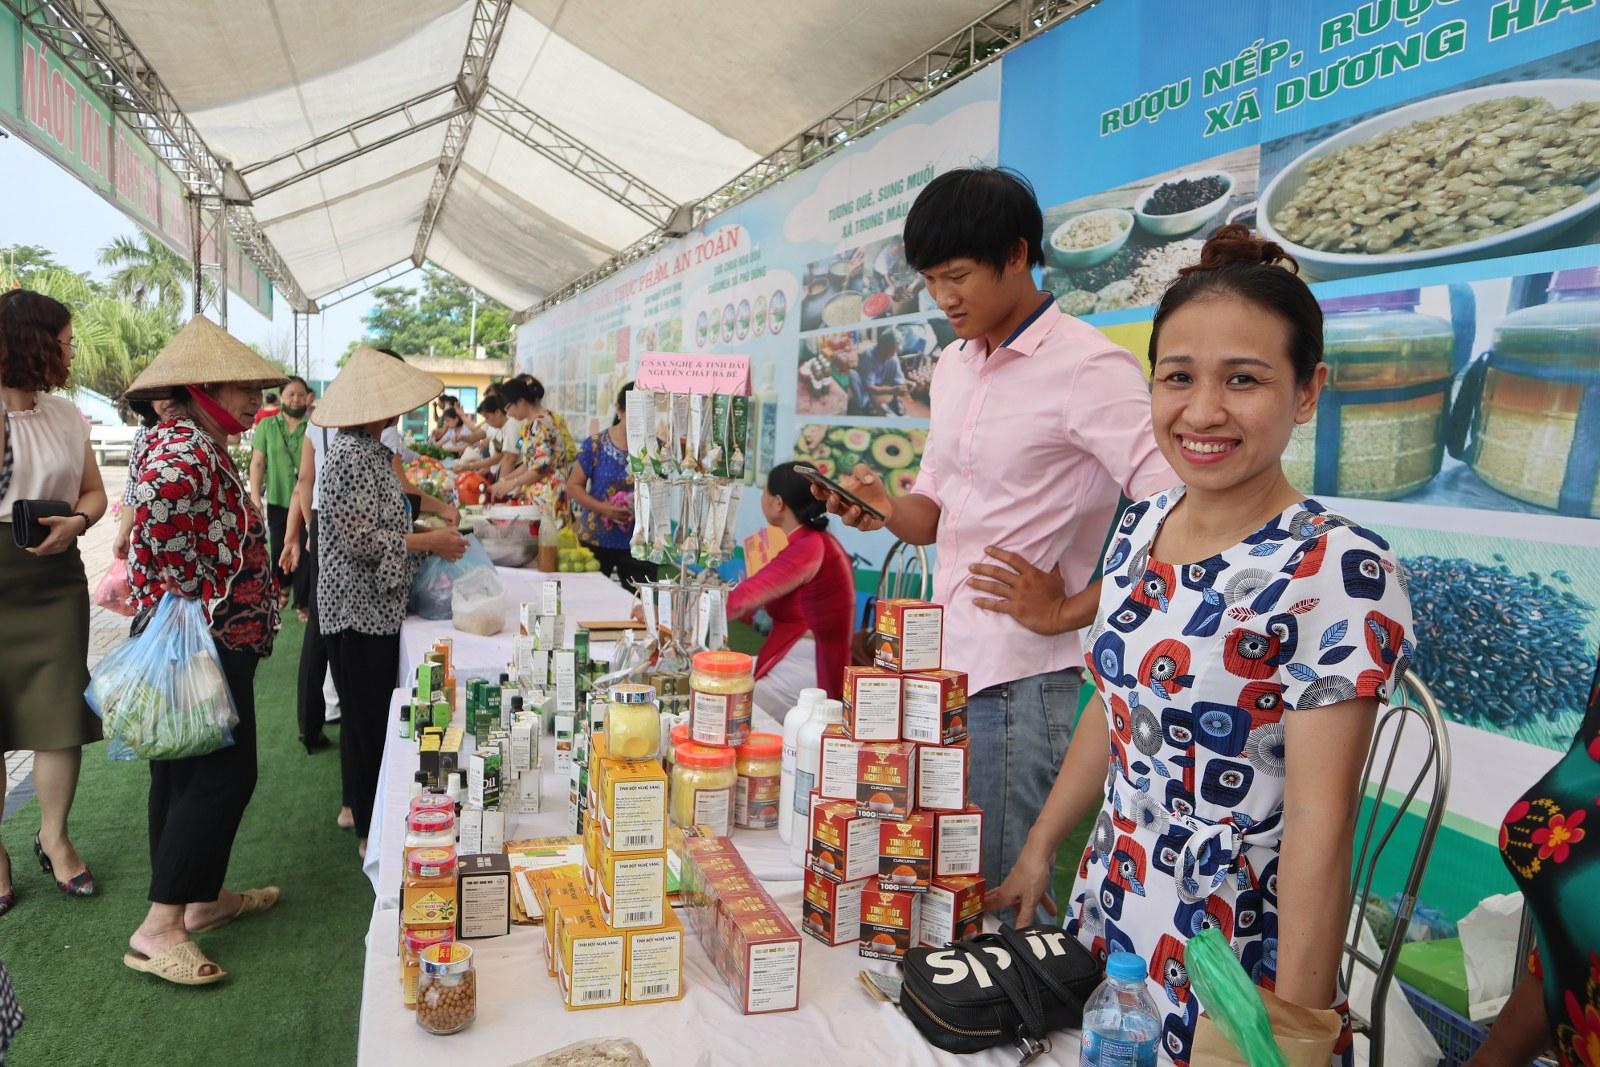 Xác định được đối tượng chính cần tuyên truyền, trong những năm qua, các cấp Hội phụ nữ Hà Nội đã đẩy mạnh thực hiện Cuộc vận động Phụ nữ thực hiện ATTP vì sức khỏe gia đình và cộng đồng.